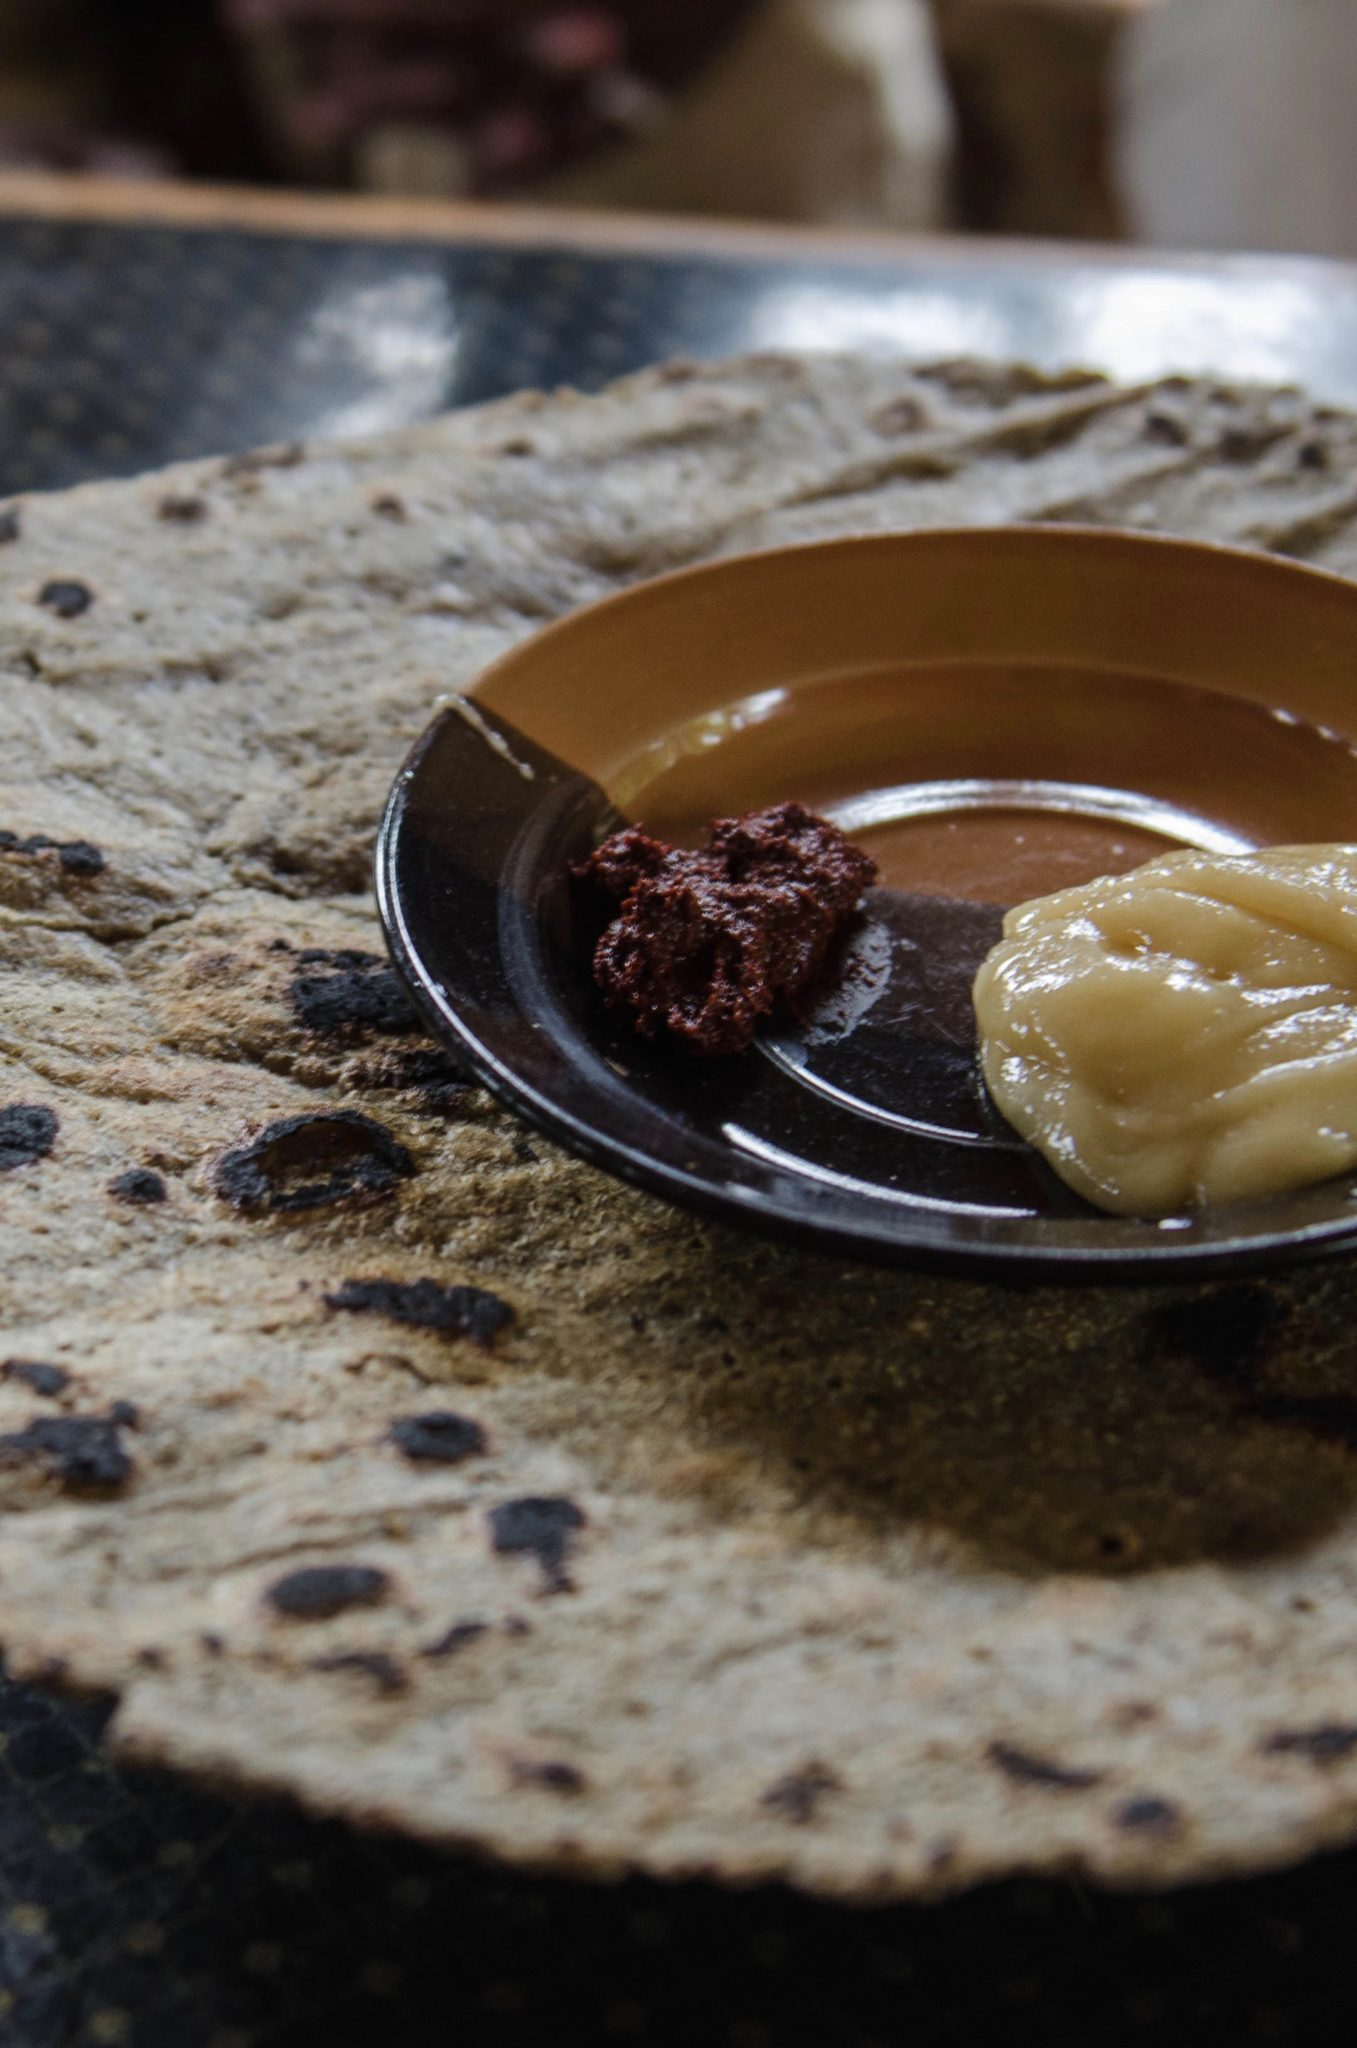 Gegessen wird das Brot der Dorze mit Chili und Honig.